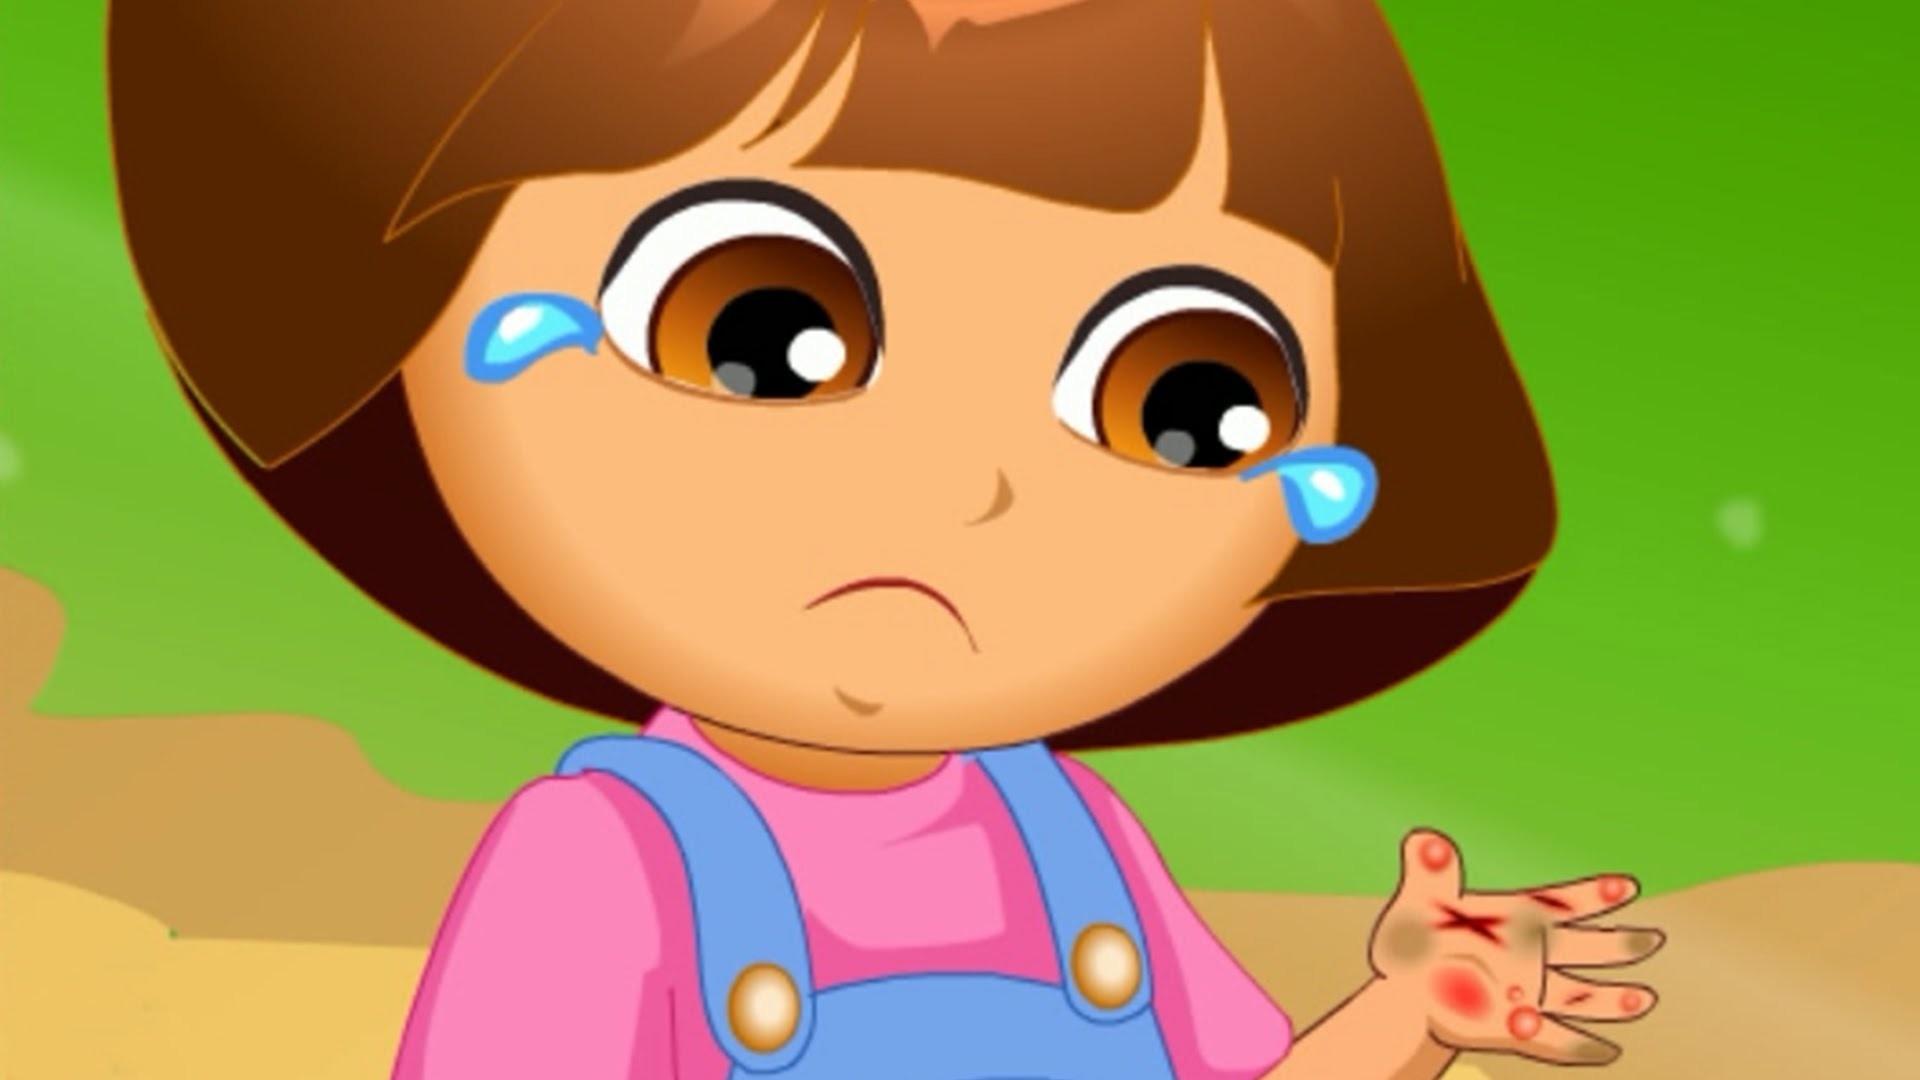 Dora Hand Doctor Caring – Dora The Explorer Baby Games – Dora Game for  Children – YouTube